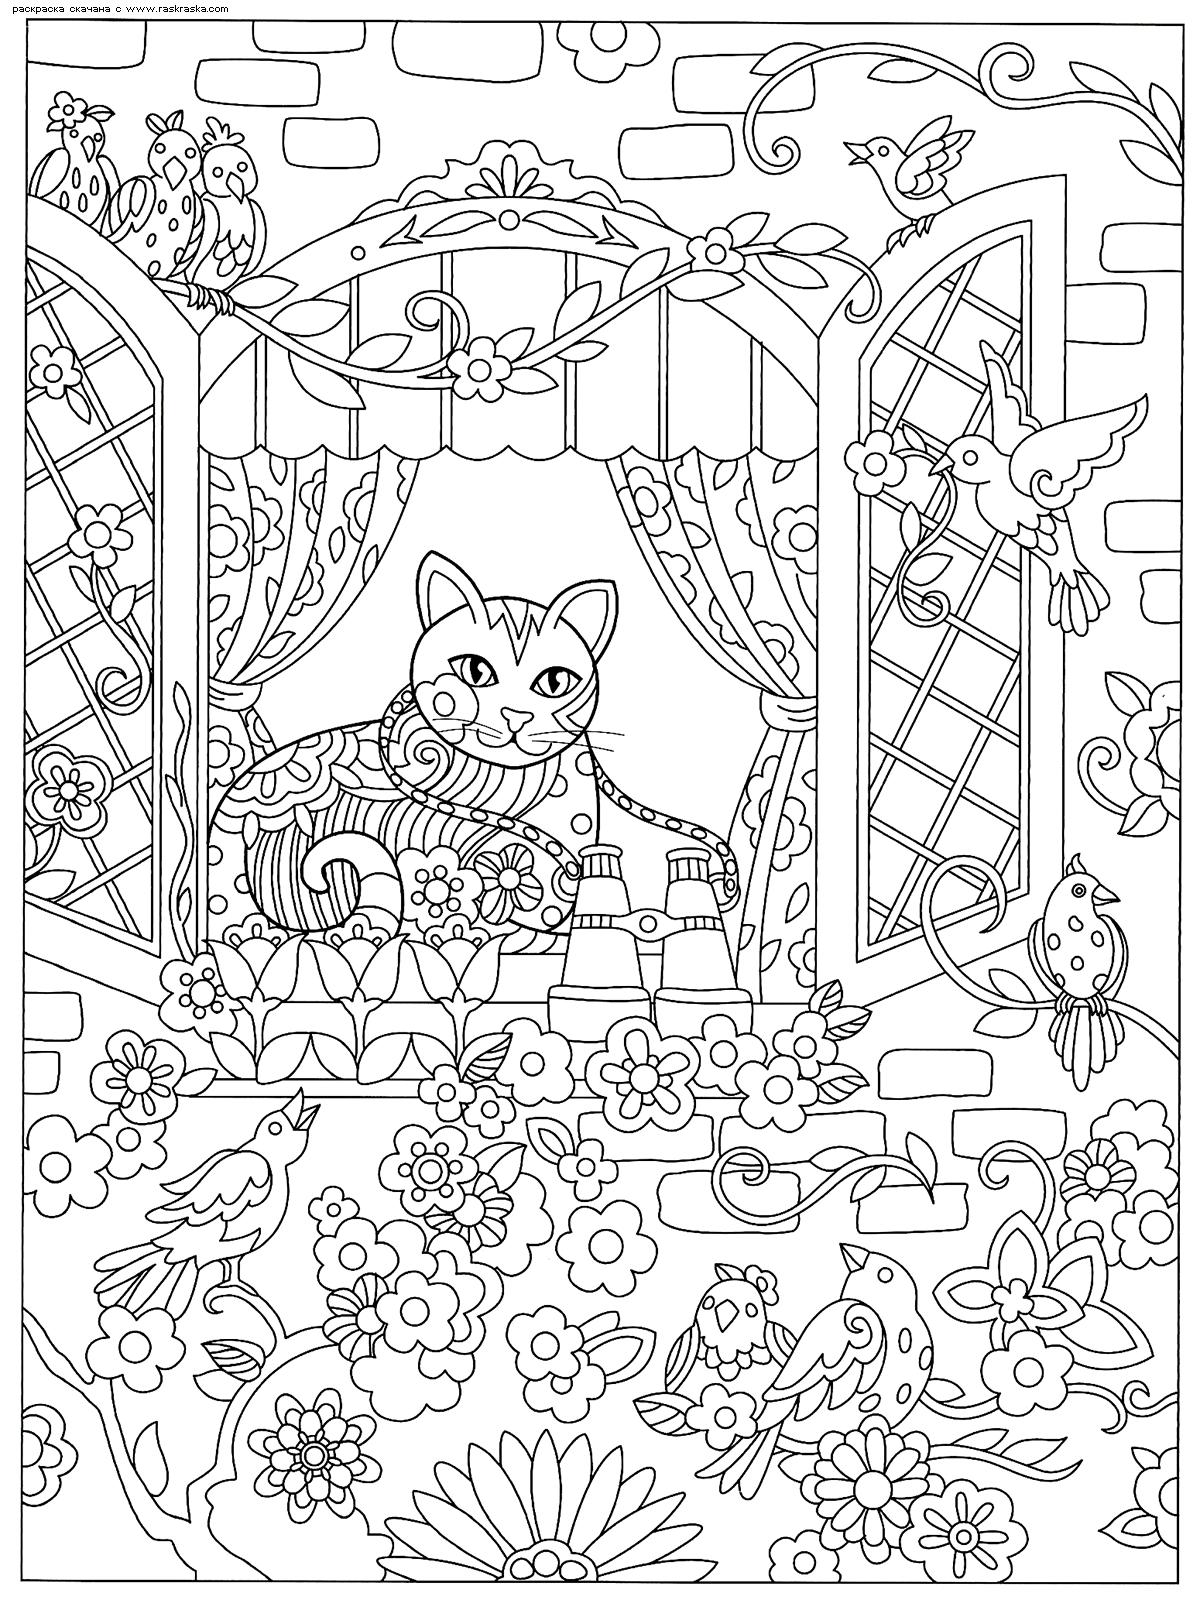 Раскраска Кошка в окошке | Раскраски антистресс Кошки ...